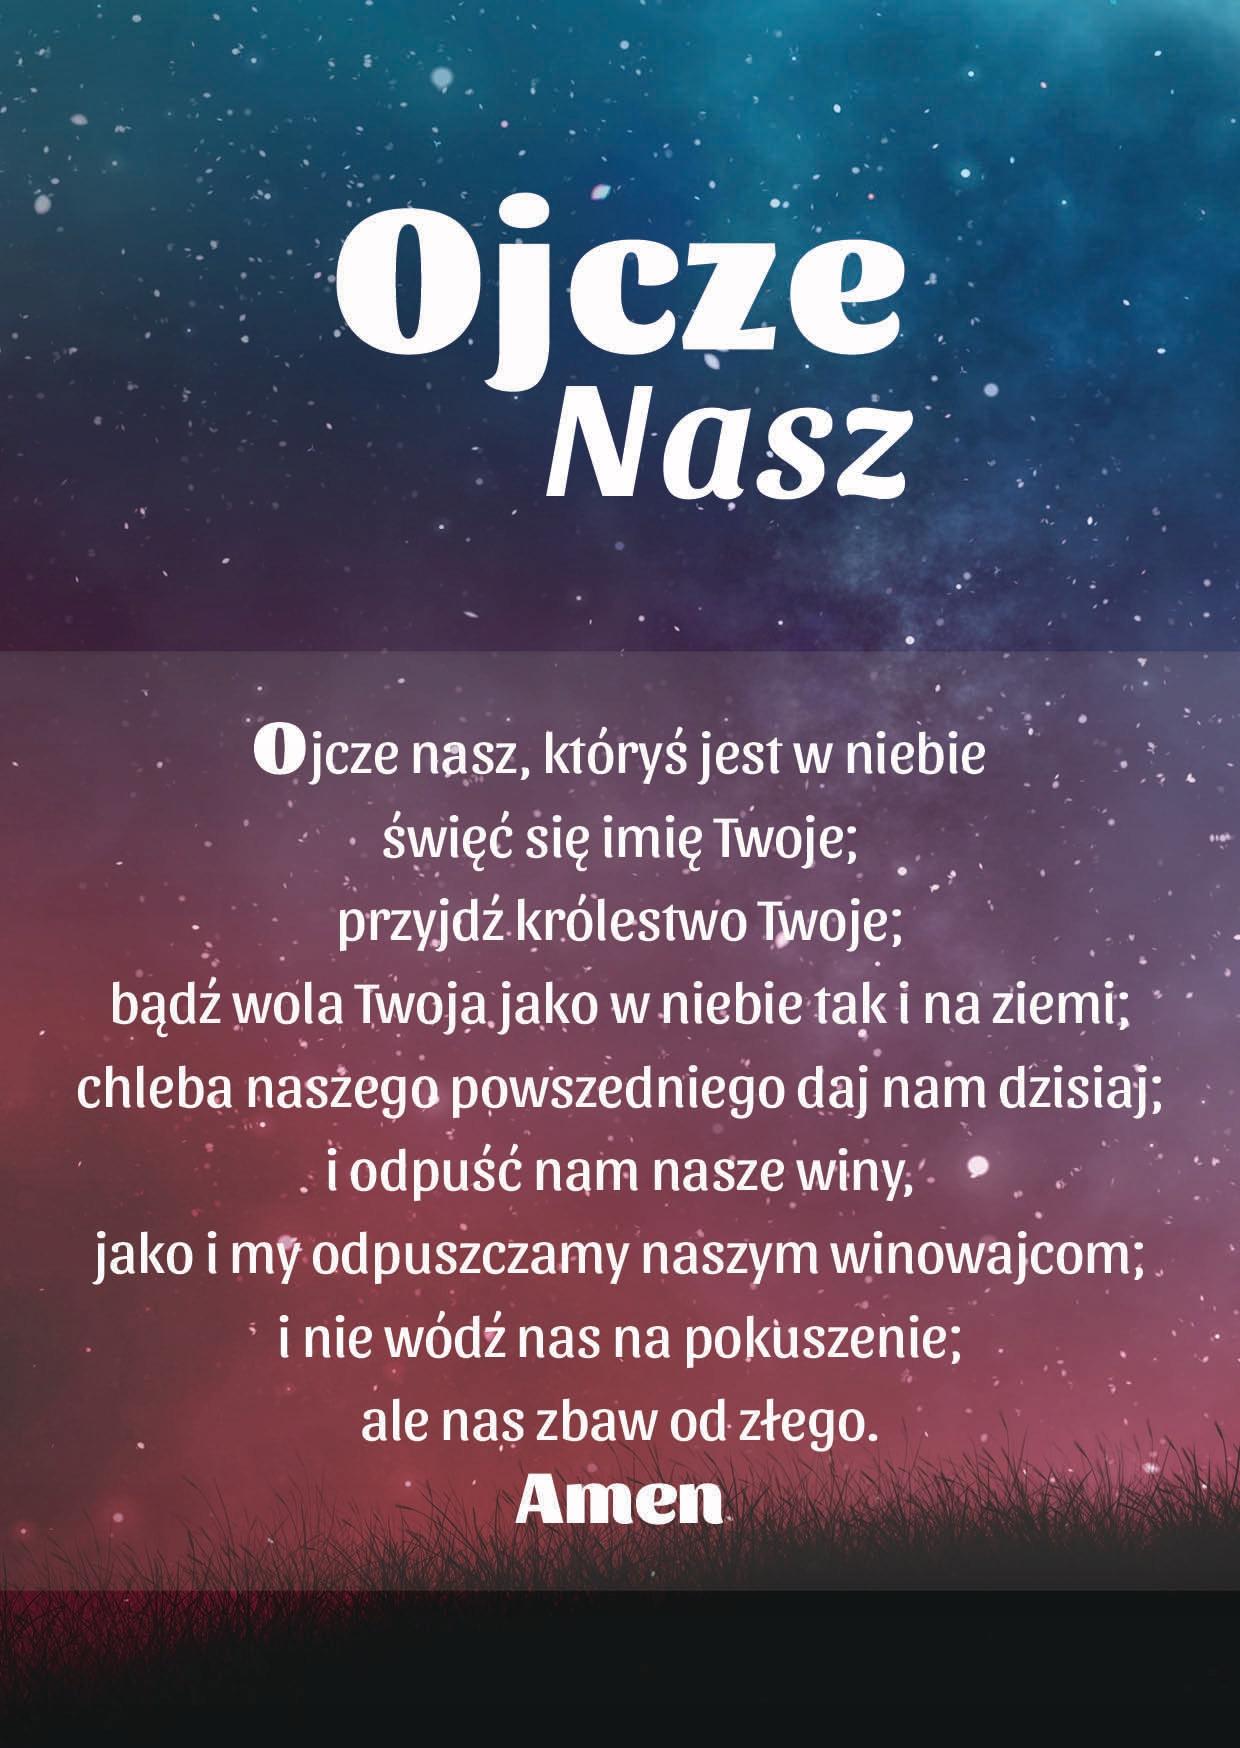 Modlitwa Ojcze nasz Modlitwy magnes na lodówkę A6 7783197969 - Allegro.pl